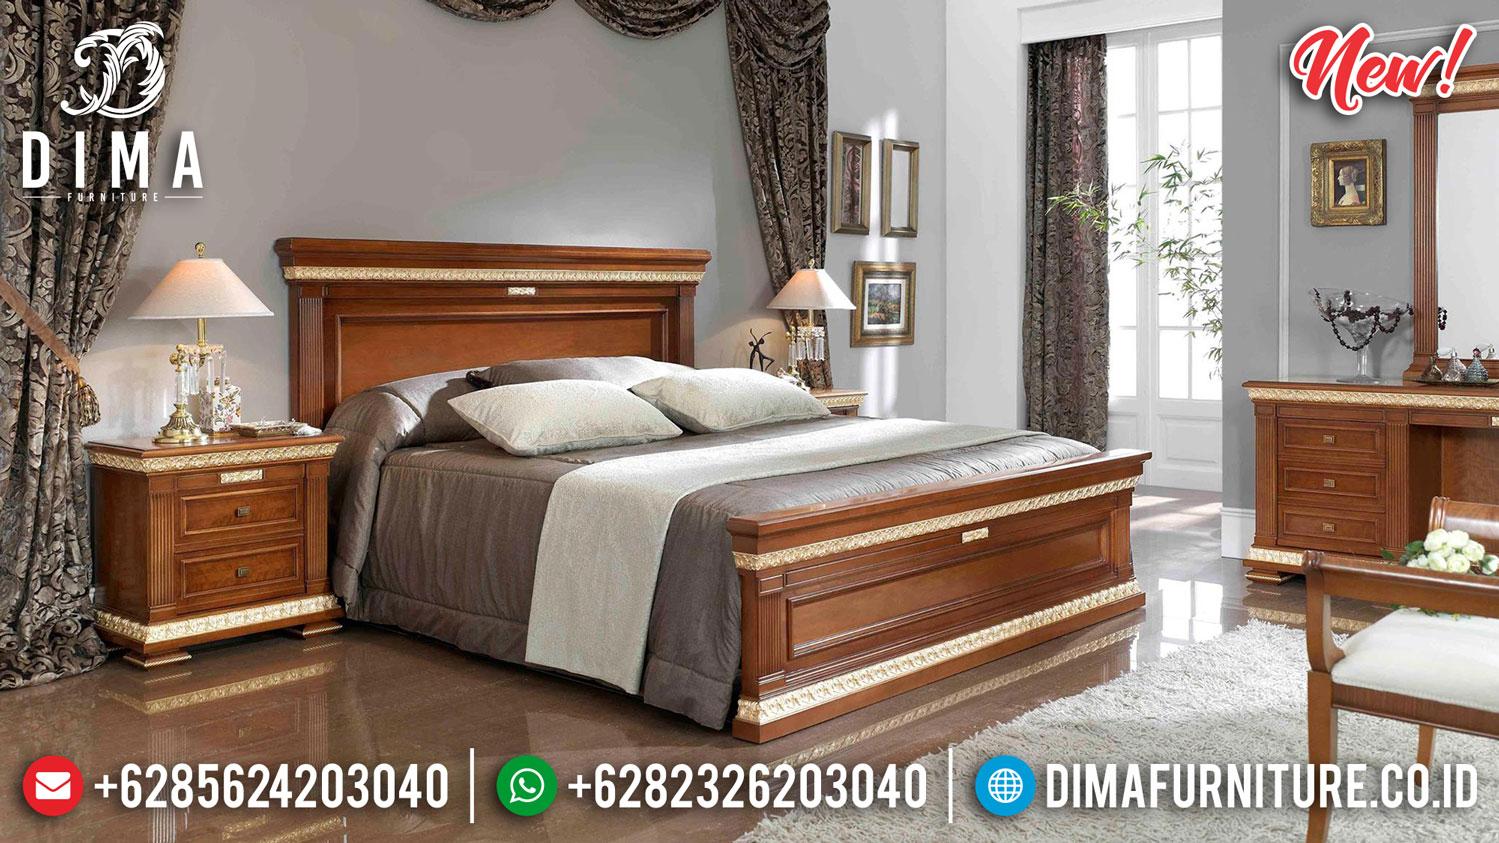 New Kamar Set Minimalis Natural Jati Klasik Mebel Jepara Terupdate BT-0905